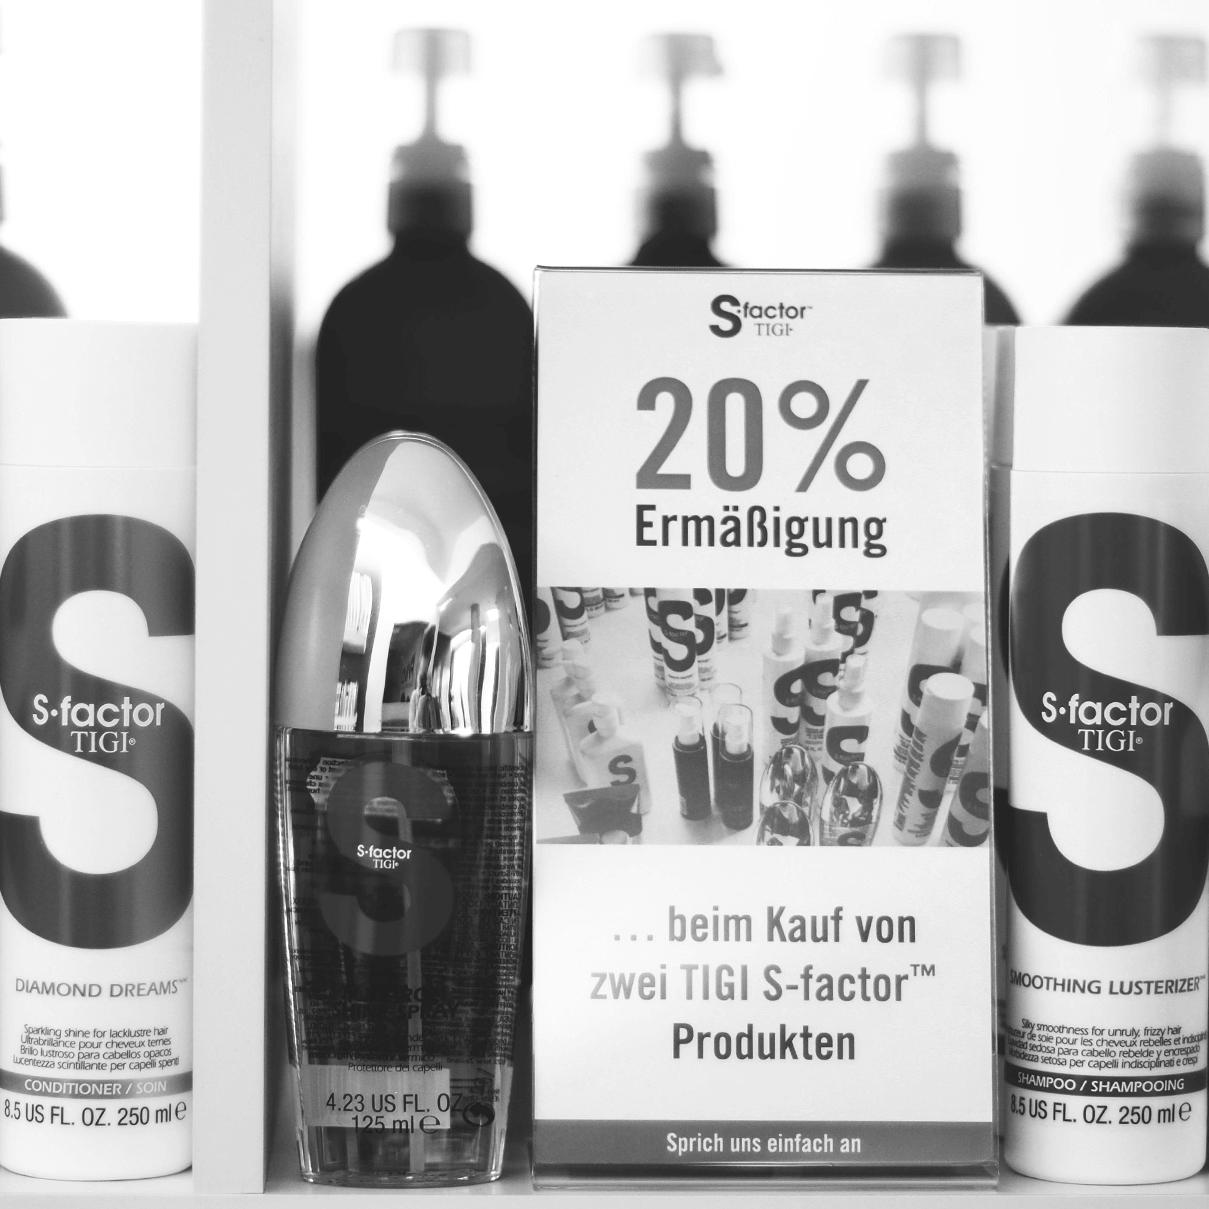 20% Ermäßigung beim Kauf von zwei TIGI S-factor Produkten